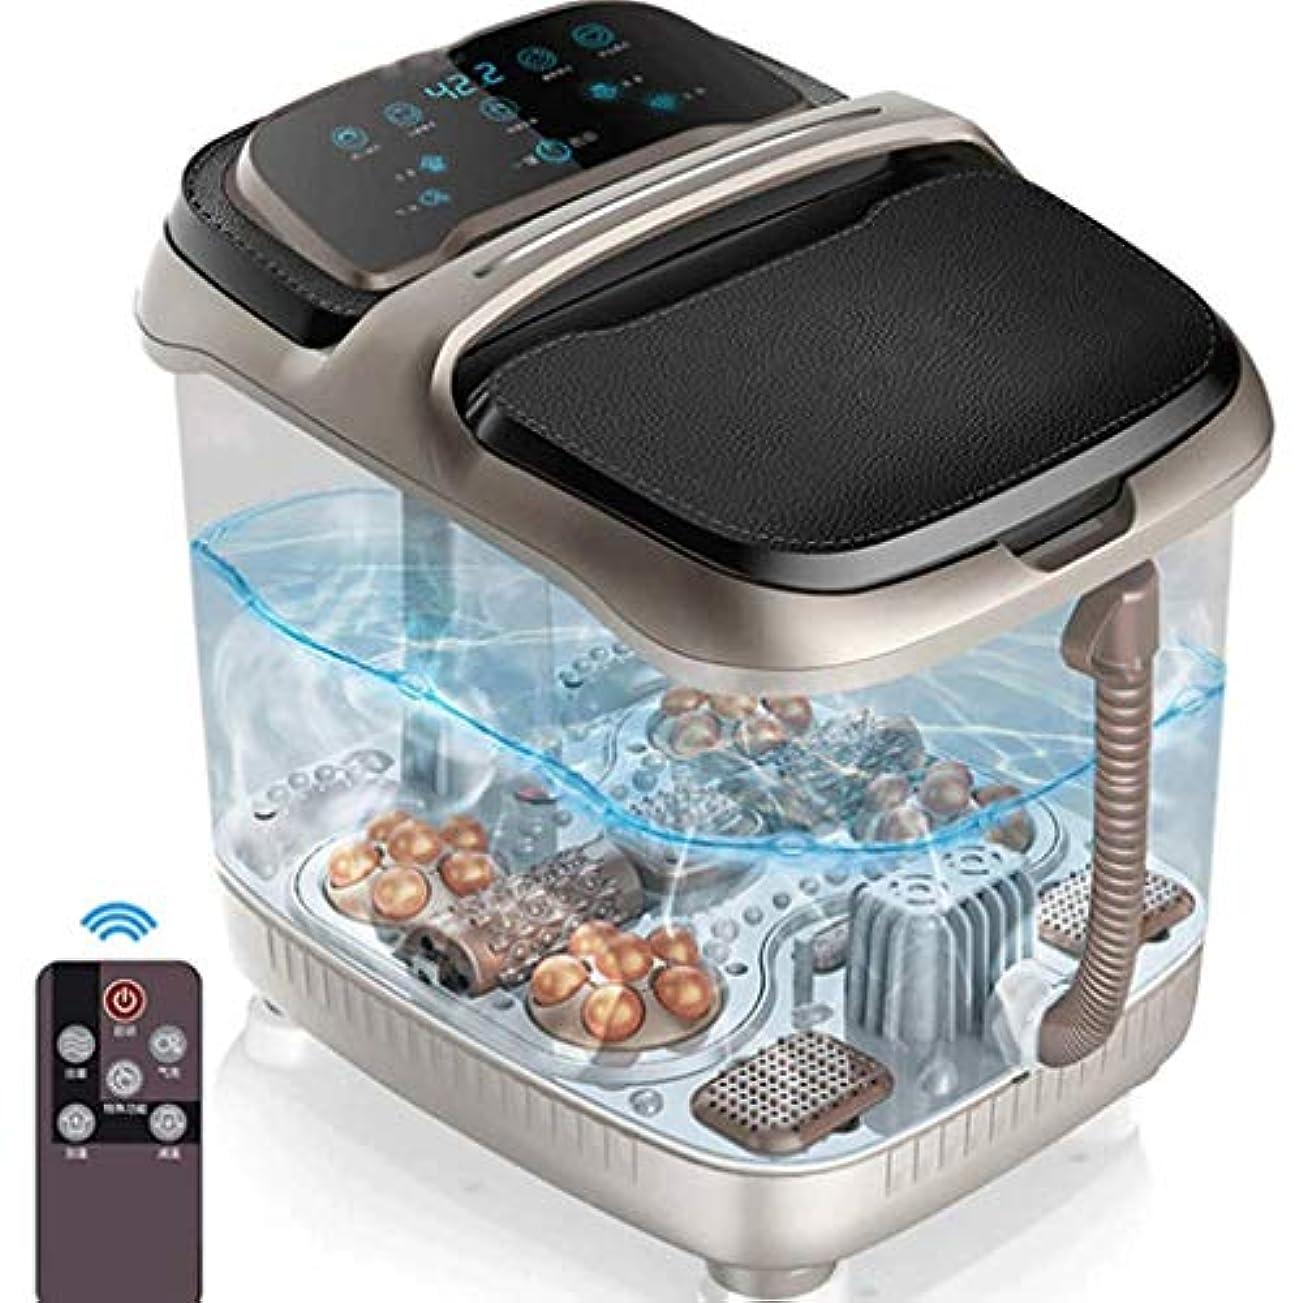 ダウンタウン光のご近所LEIGE Foot Spa Massager - スーパーファストヒーティングシステム、4つの電動マッサージローラー、ささやく静かな、リモートコントロール付き浴槽